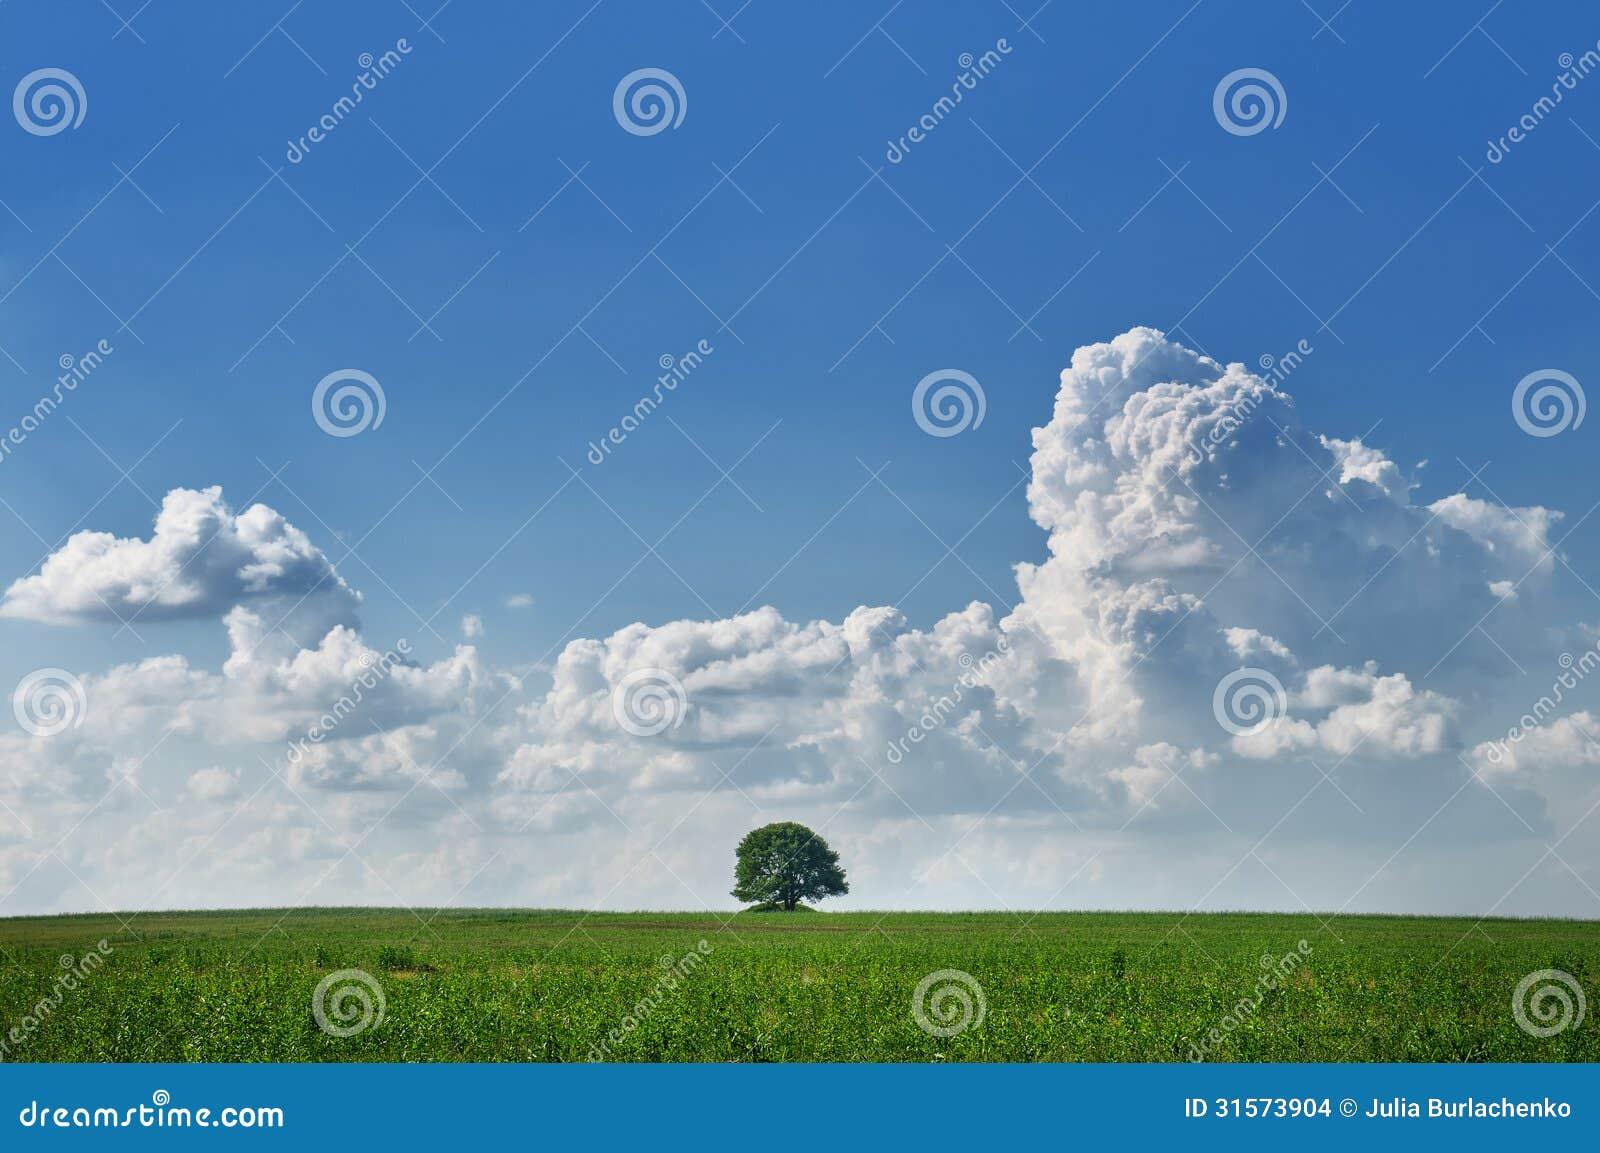 苹果美化与在天空的绘制树与积云和环境.creo3.0领域孤立图片